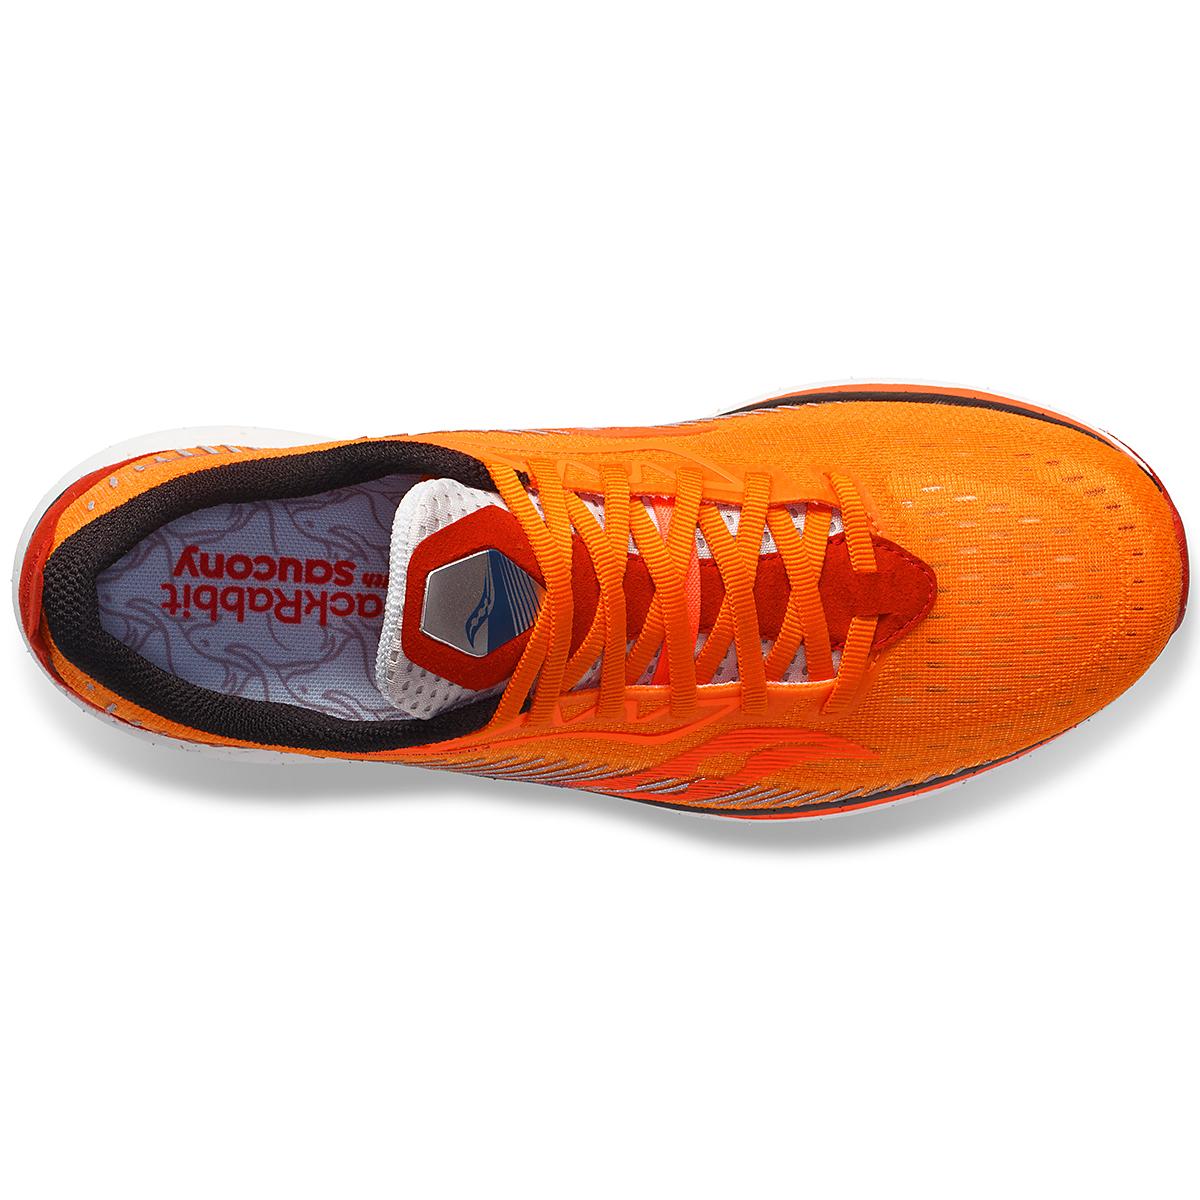 Men's Saucony Endorphin Speed 2 Running Shoe - Color: Jackalope - Size: 7 - Width: Regular, Jackalope, large, image 3